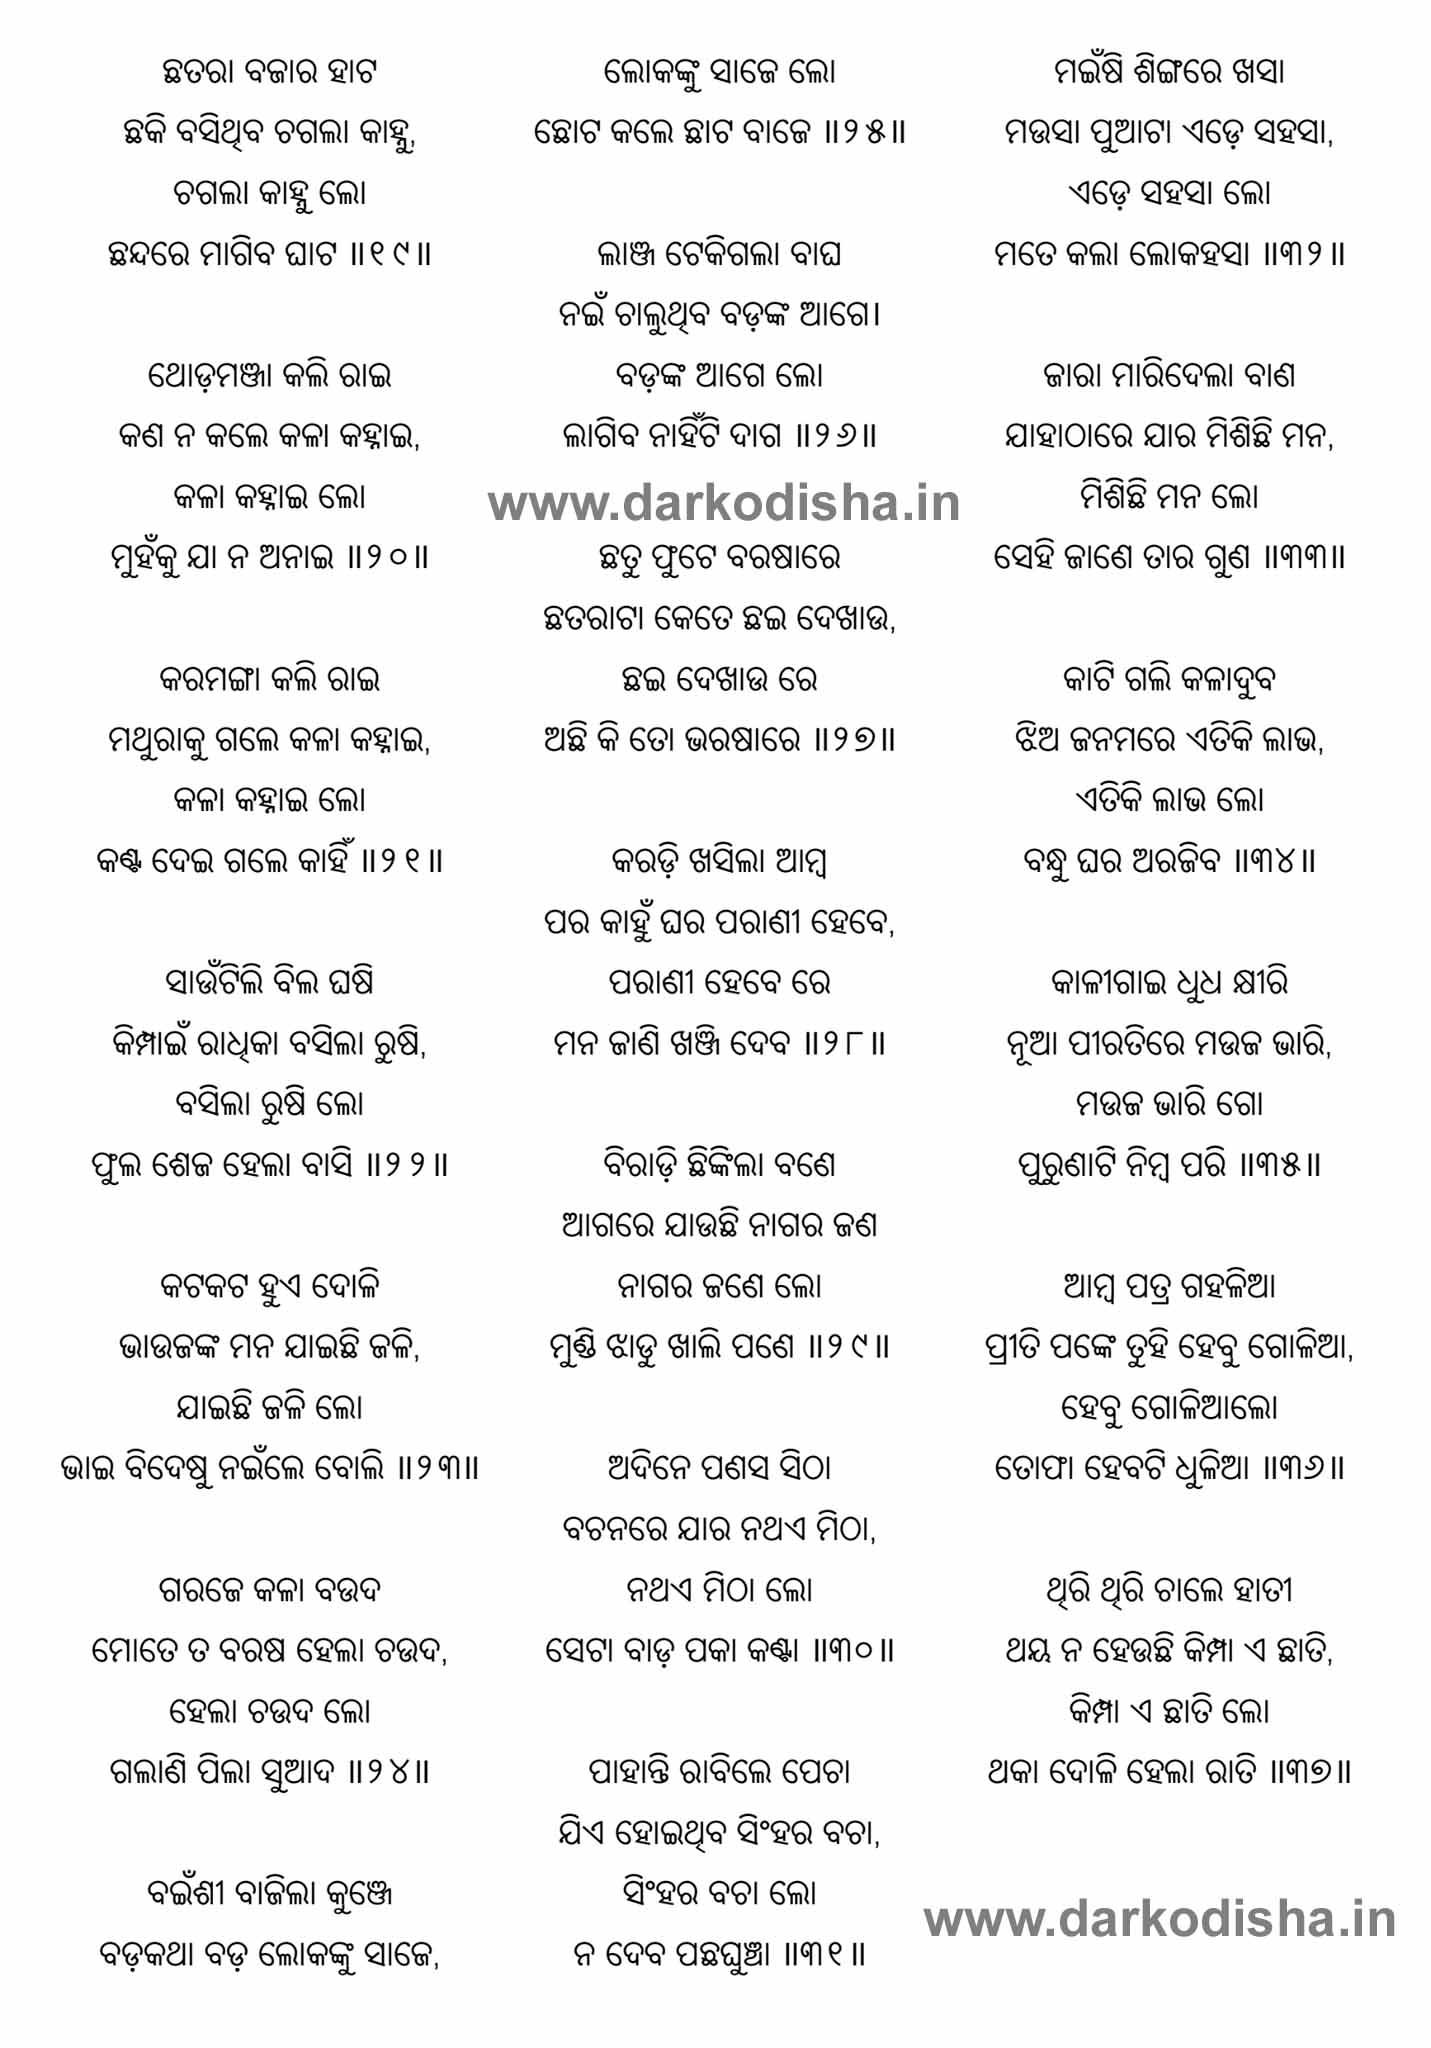 raja doli song lyrics